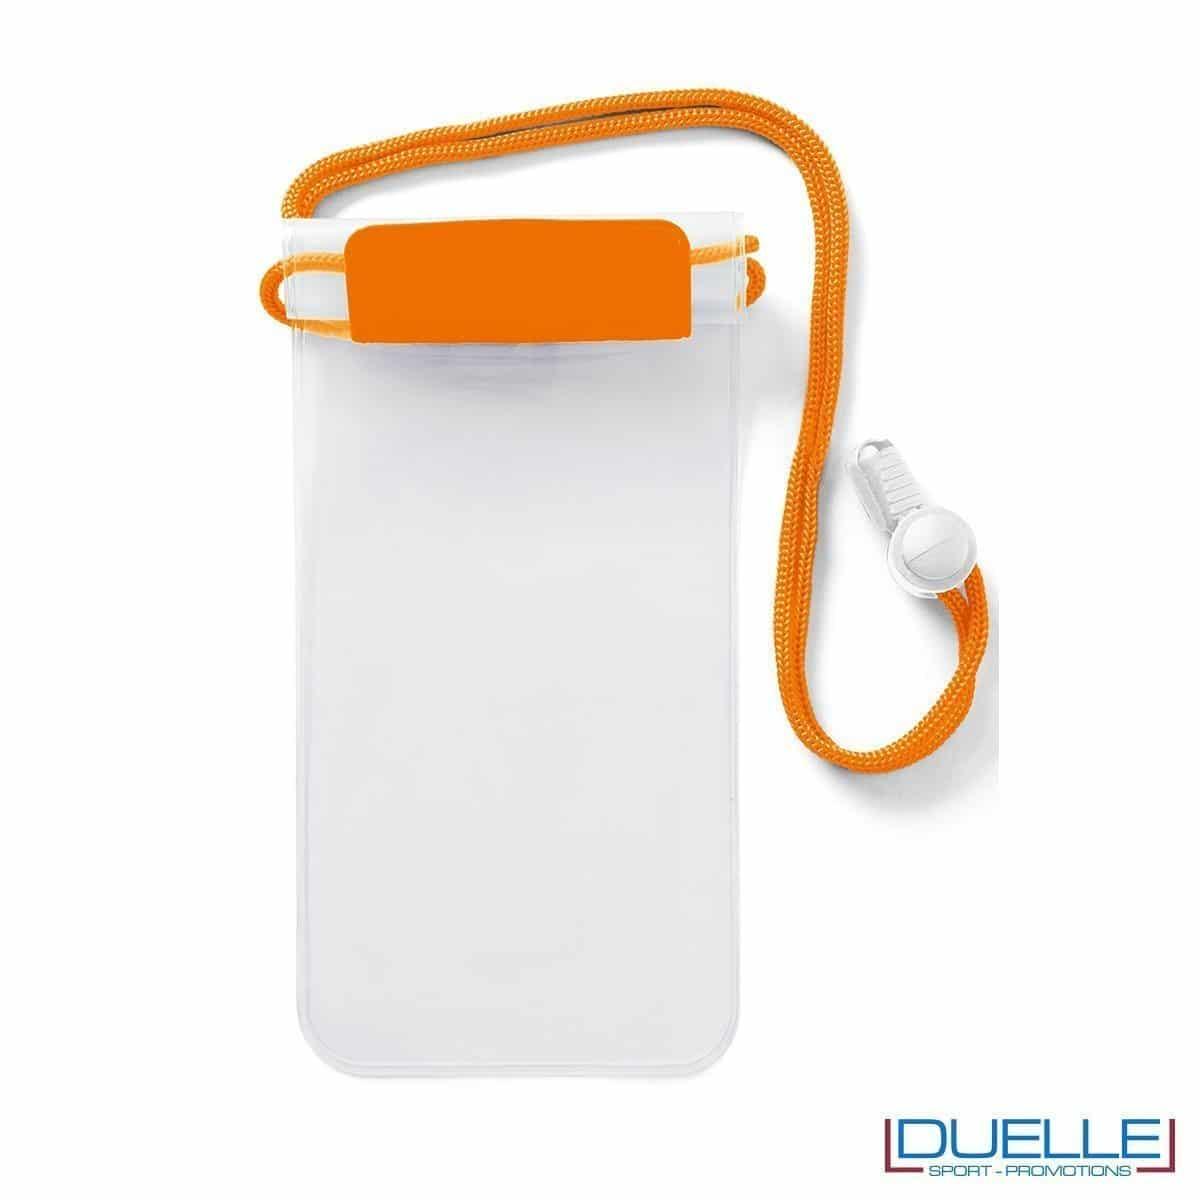 Porta cellulare impermeabile personalizzato con logo colore arancione fluo